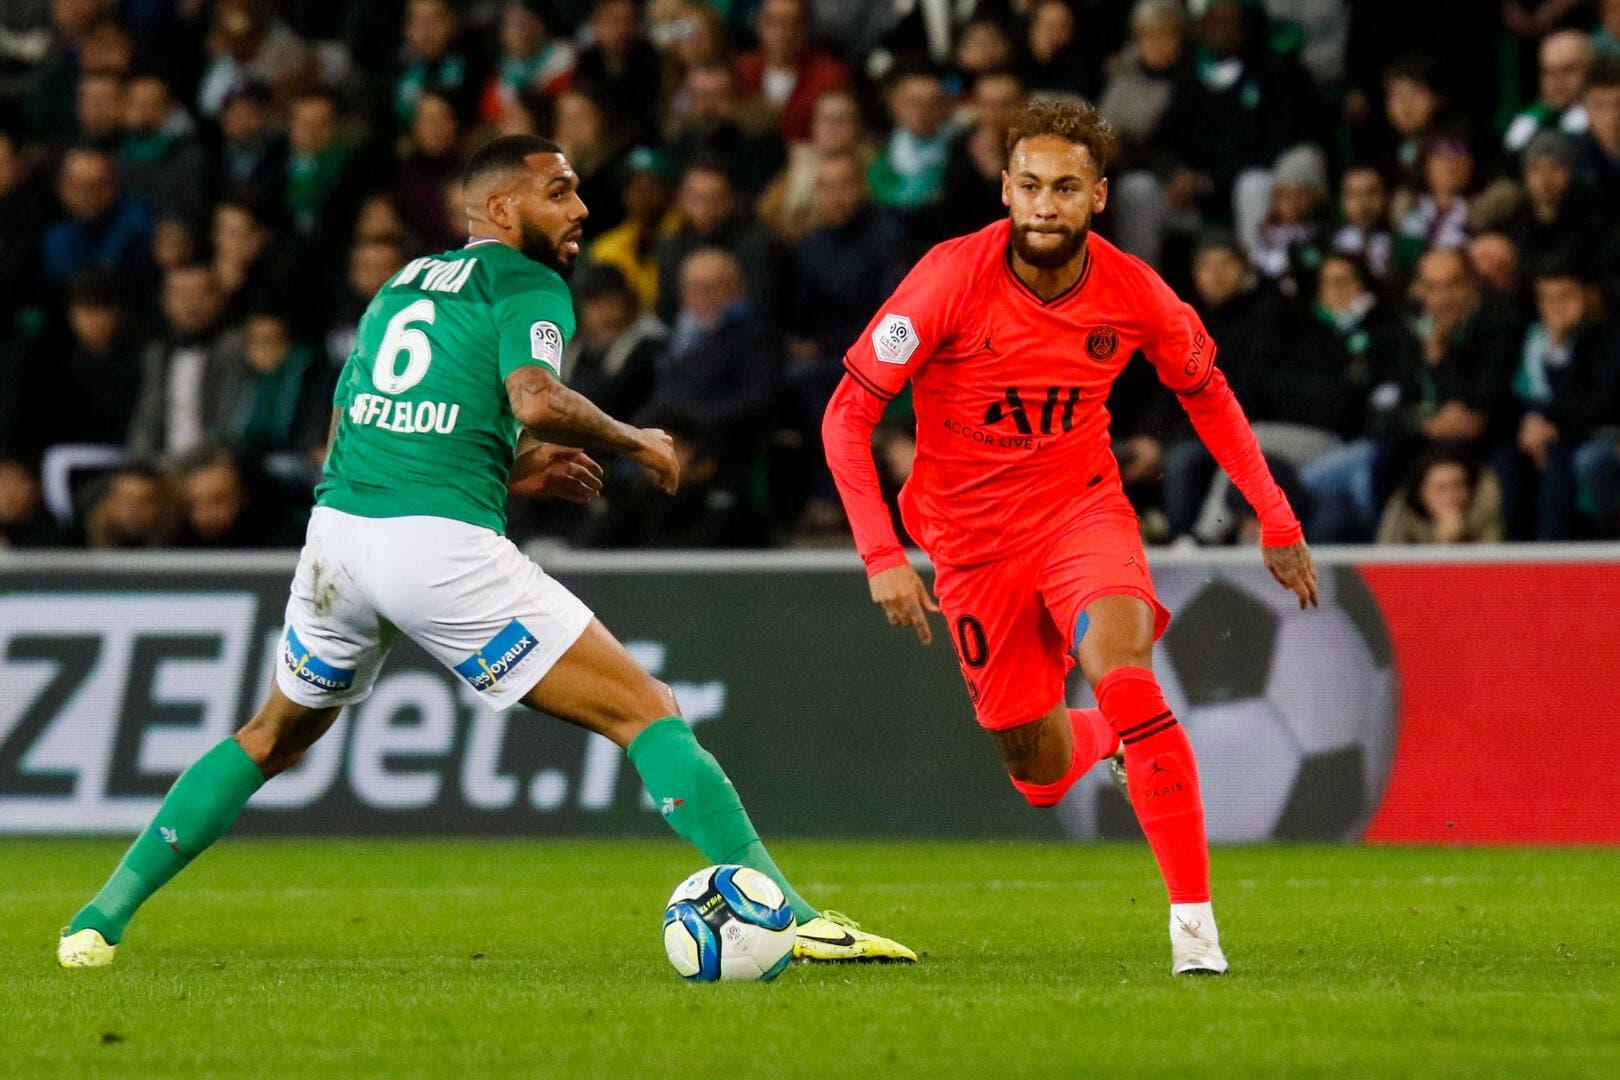 PSG : Neymar a changé, même Leonardo ne s'en remet pas